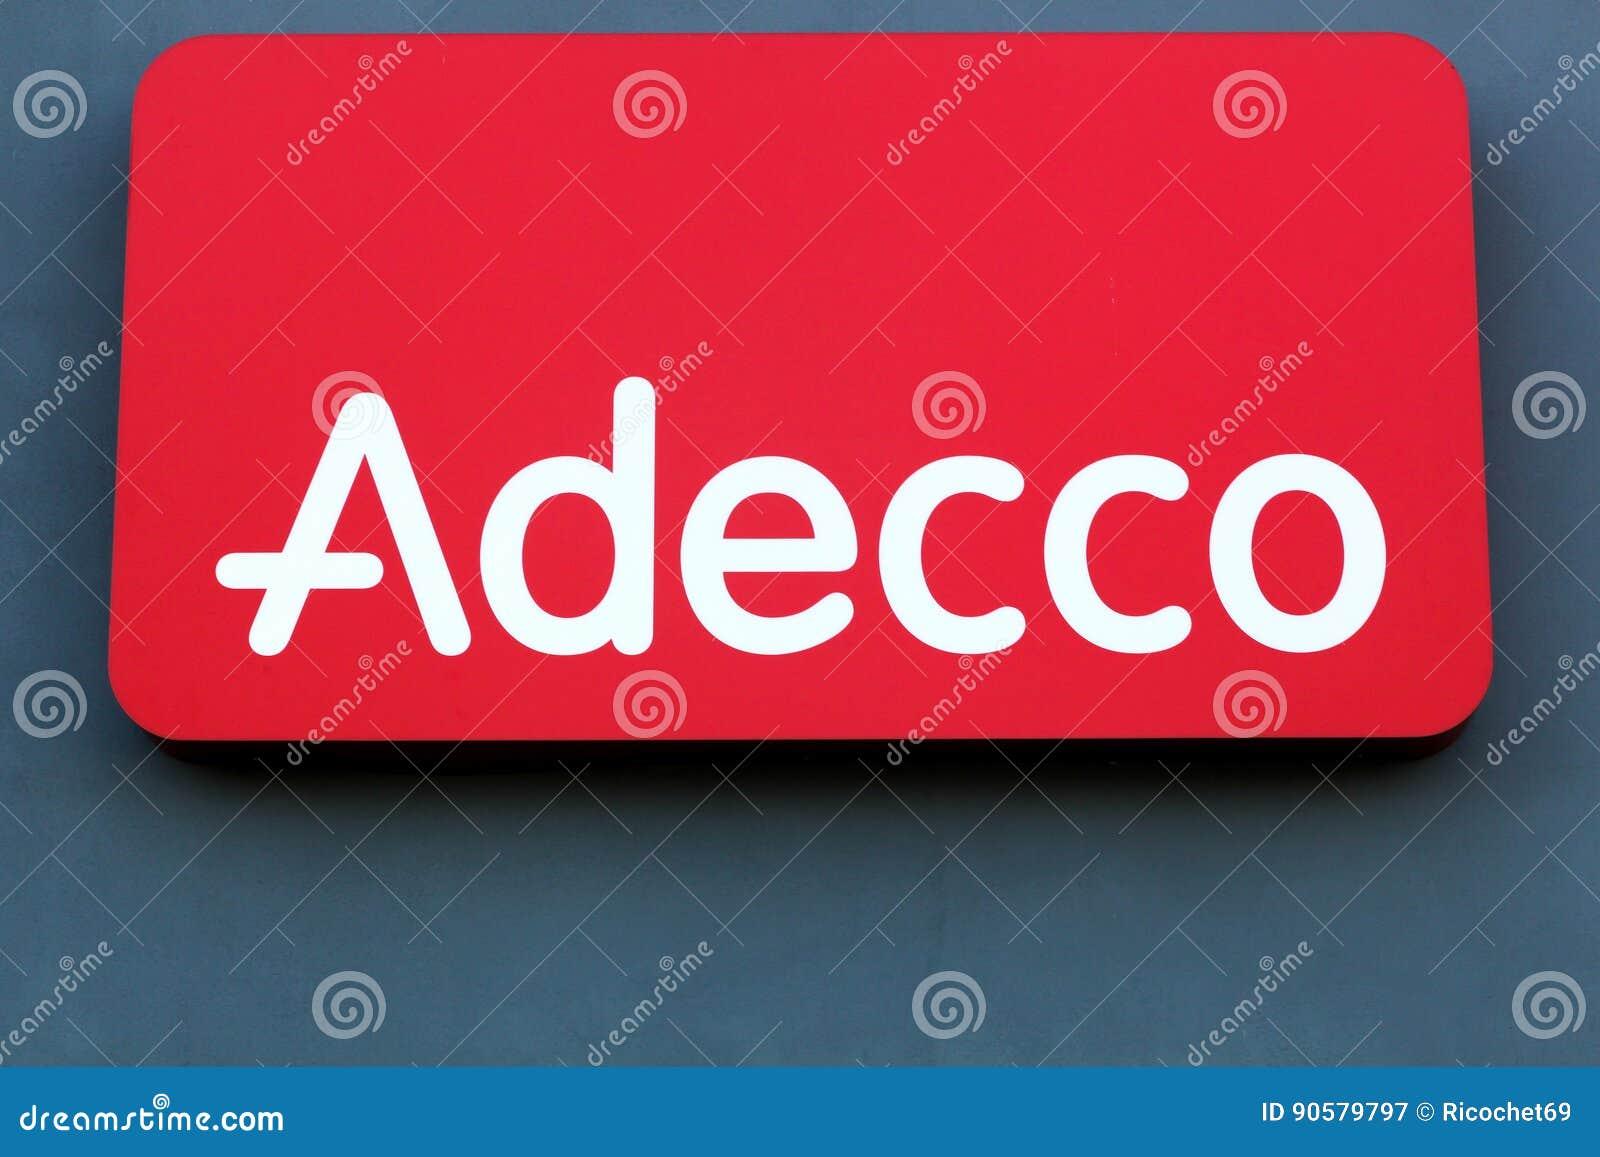 Logotipo De Adecco En Una Pared Fotografía Editorial